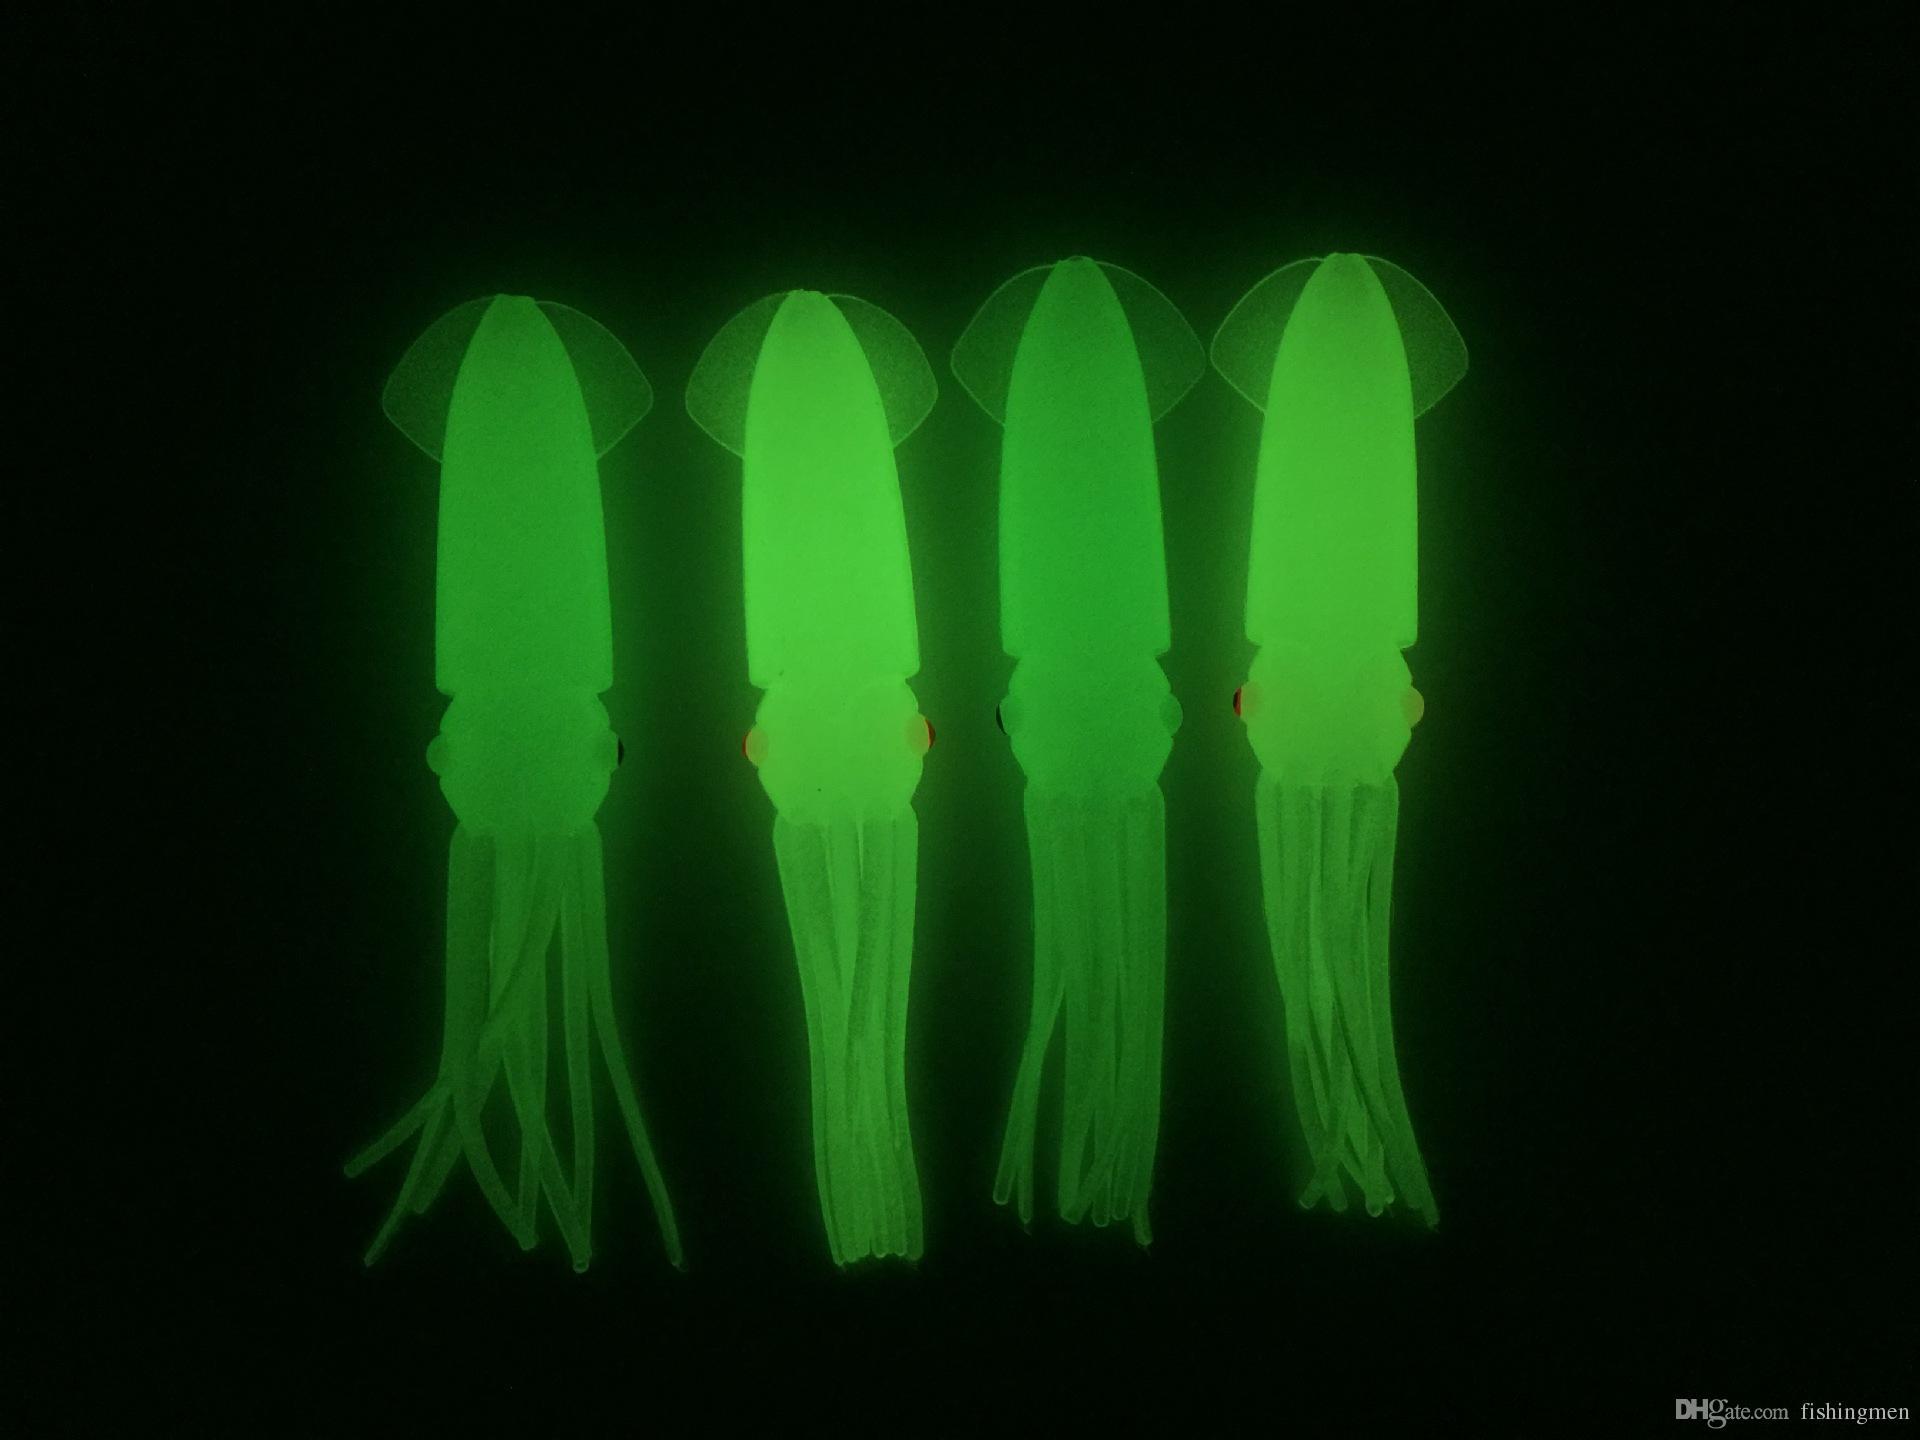 / vente chaude 4,3 pouces B2 pêche en plastique souple Octopus corps calmar corps lumineux lumineux leurres lueur en noir